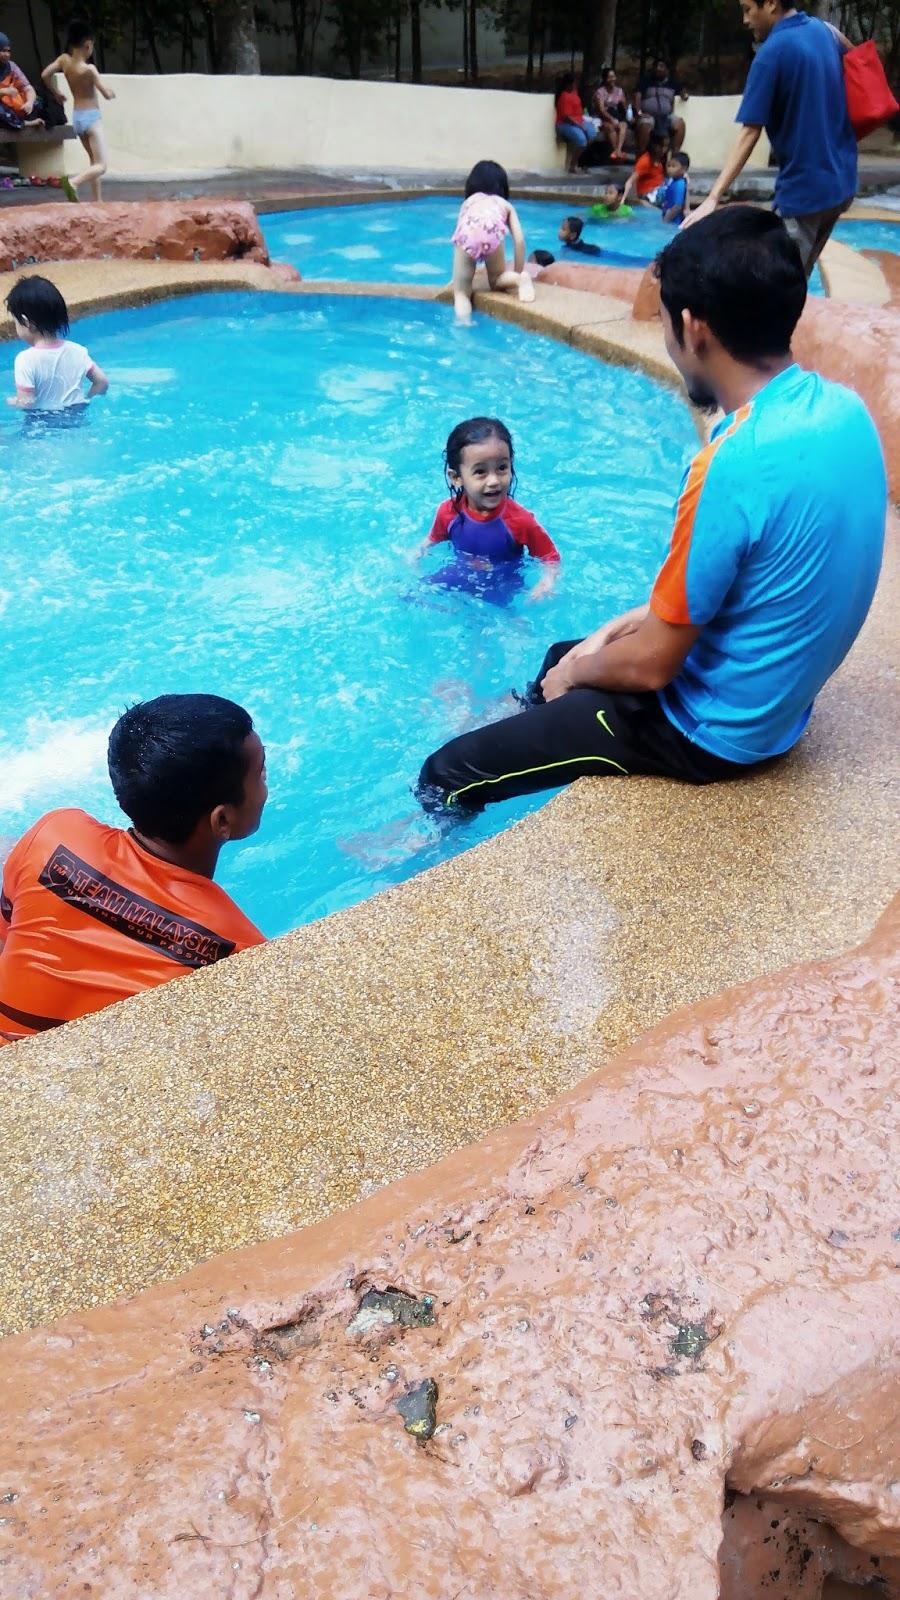 KOlam air, taman belia, pulau pinang, kids, swimming,